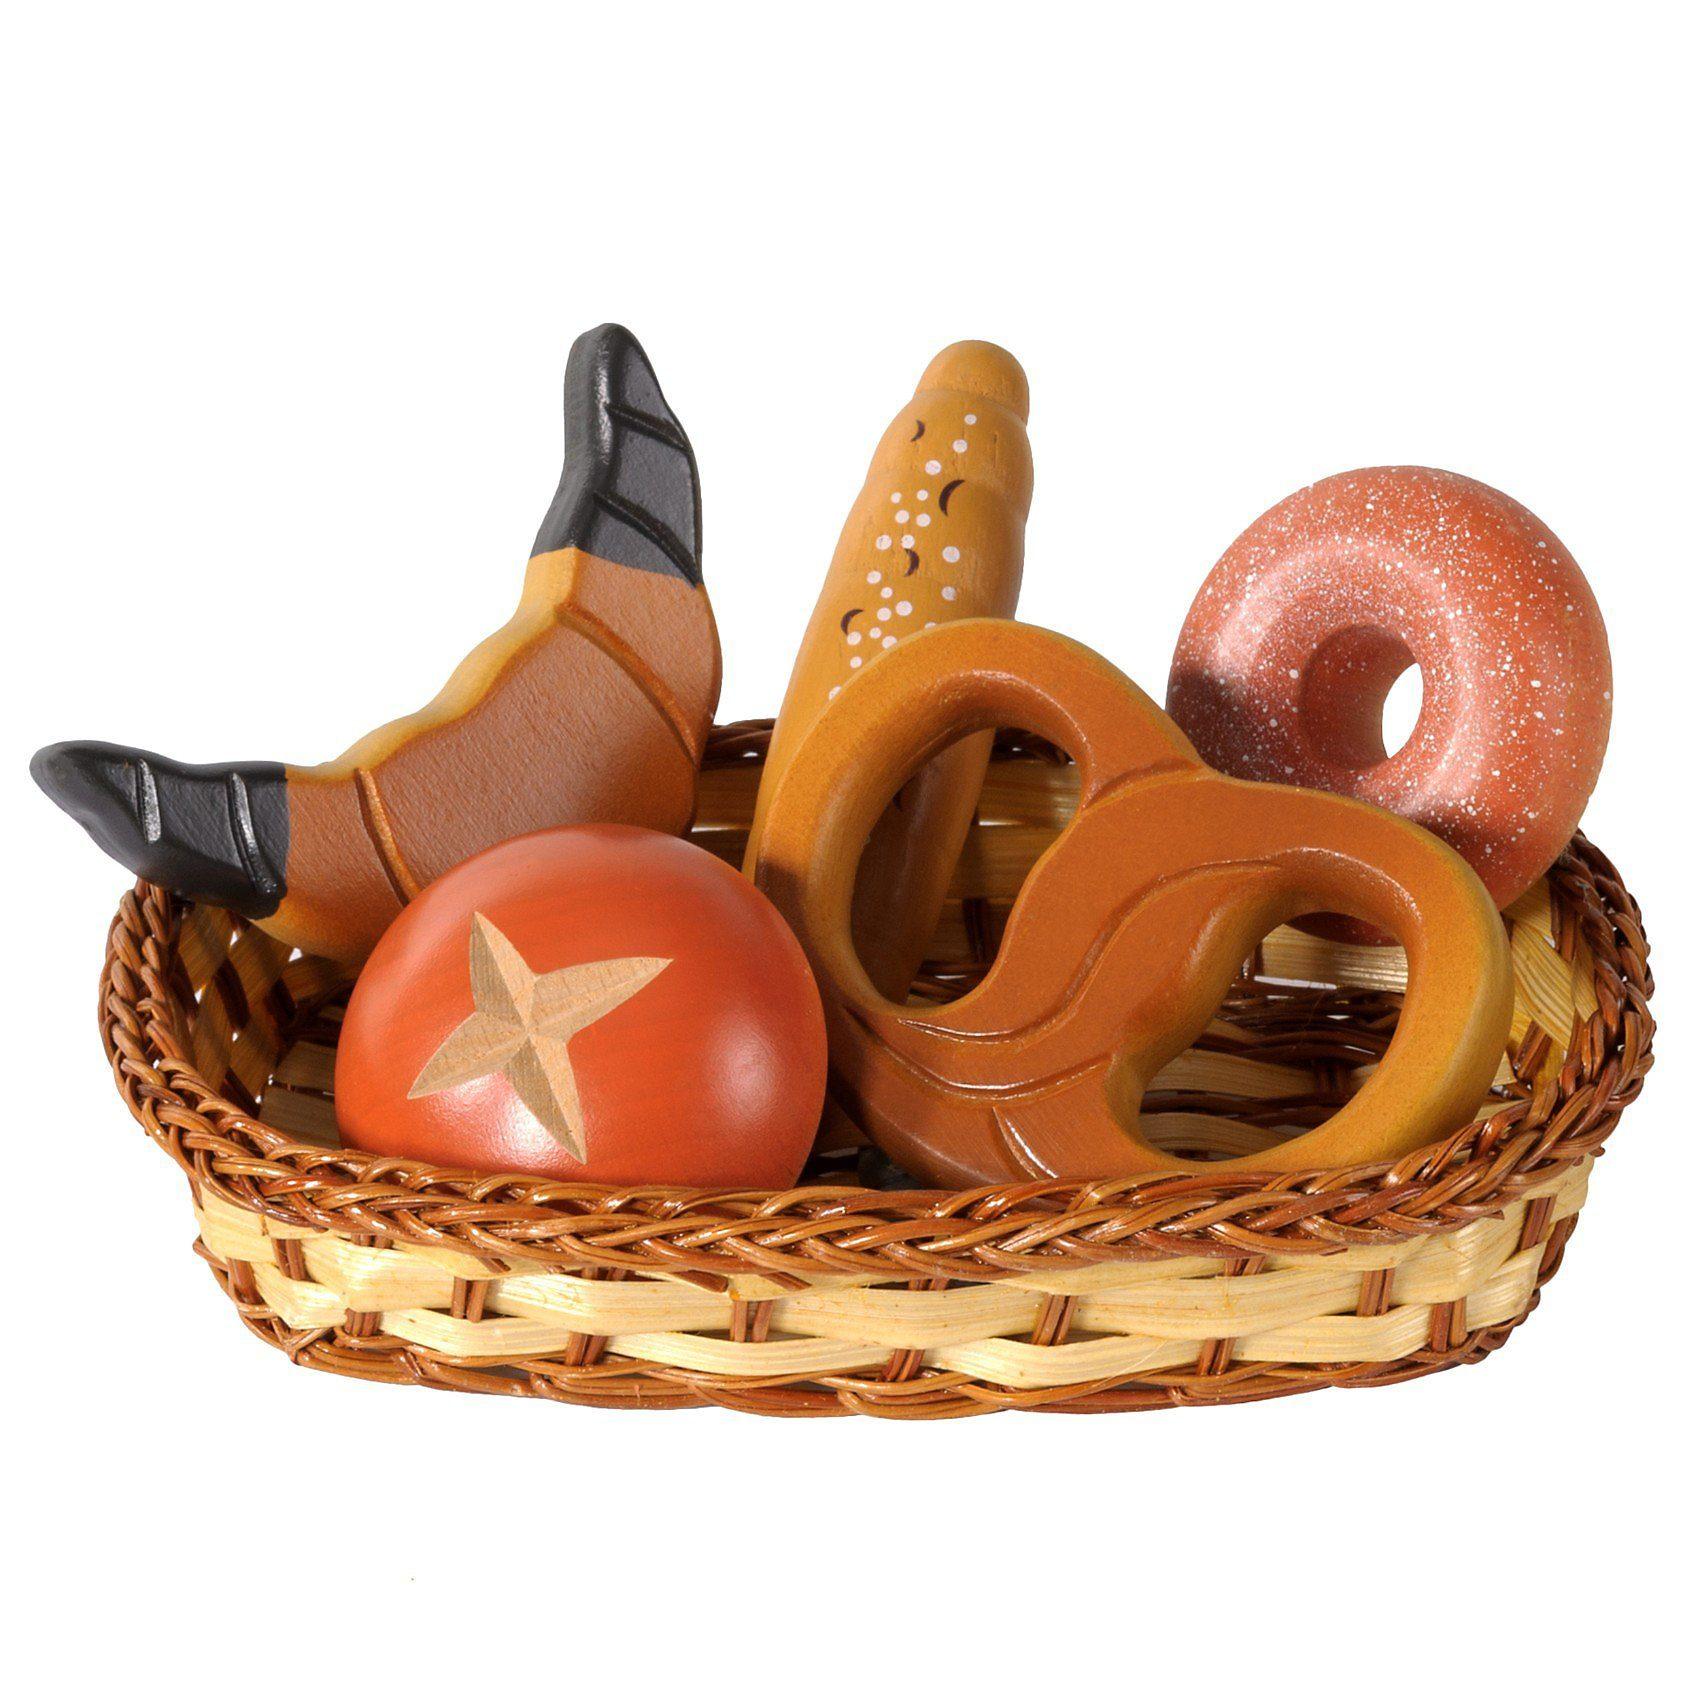 Chr. Tanner Spiellebensmittel Brotkörbchen